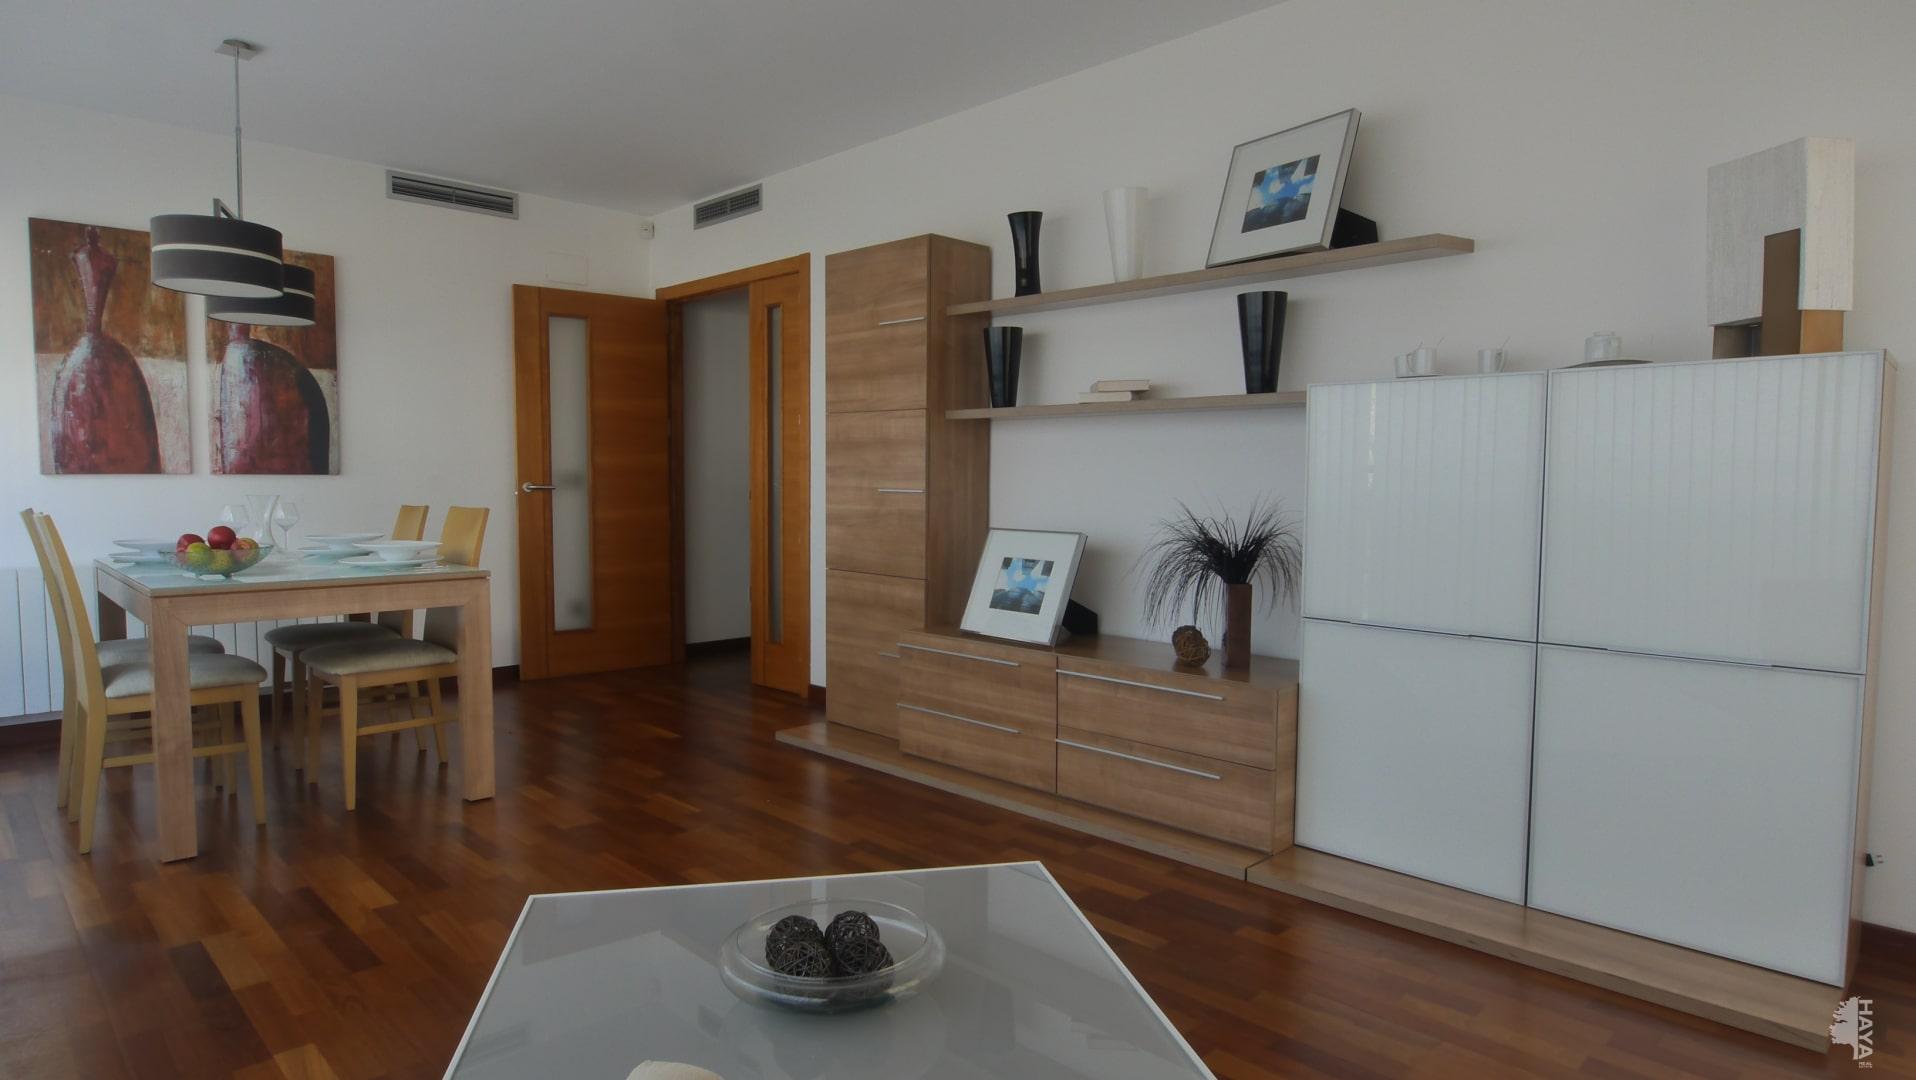 Piso en venta en Castellón de la Plana/castelló de la Plana, Castellón, Avenida Villarreal, 108.000 €, 1 habitación, 1 baño, 57 m2